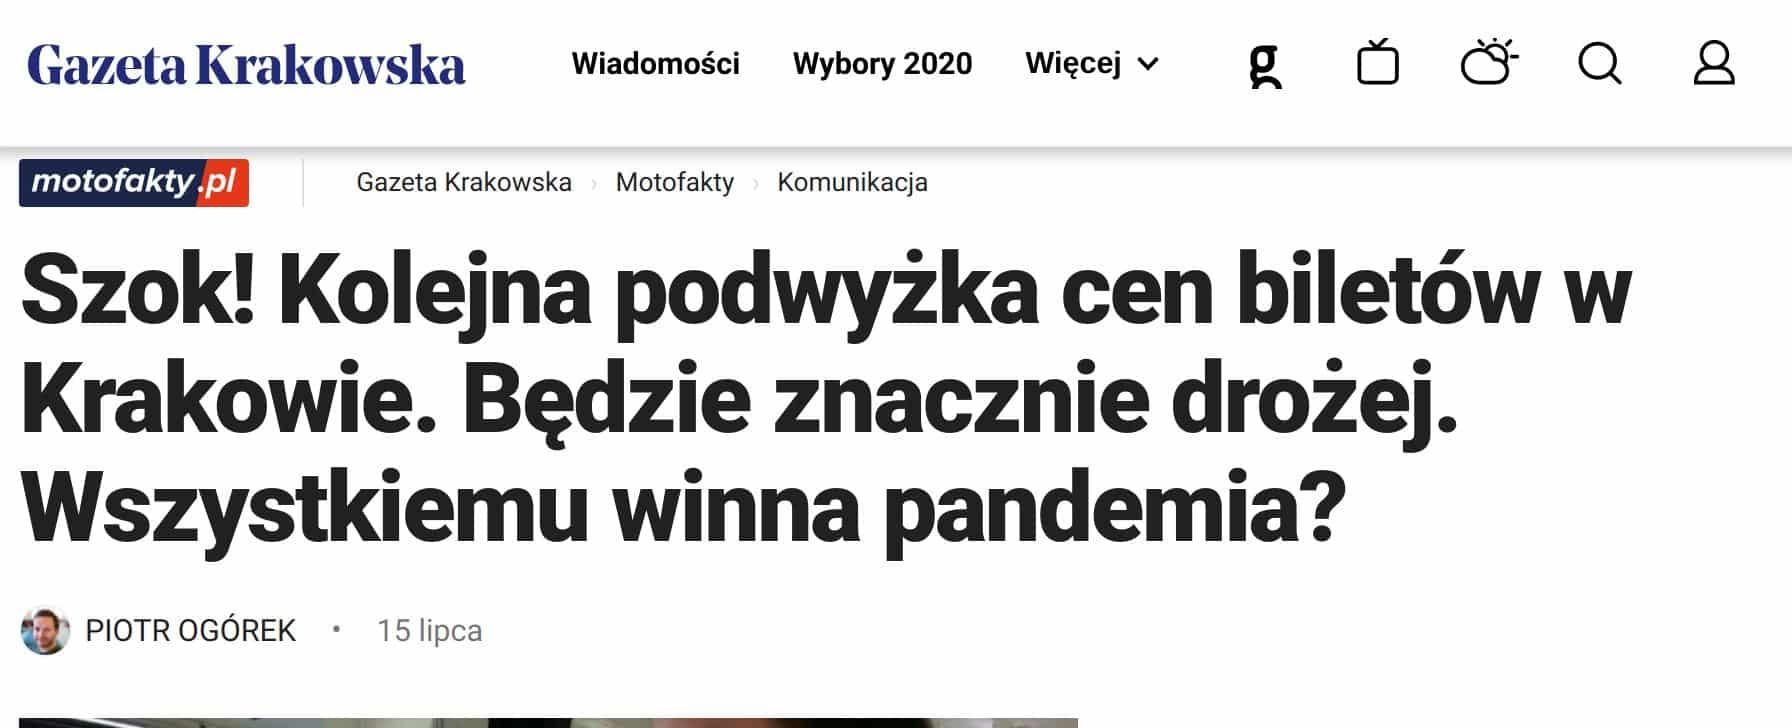 W lipcu zapowiedziano podwyżki cen biletów, które są związane z bardzo złą sytuacją finansową Krakowa.